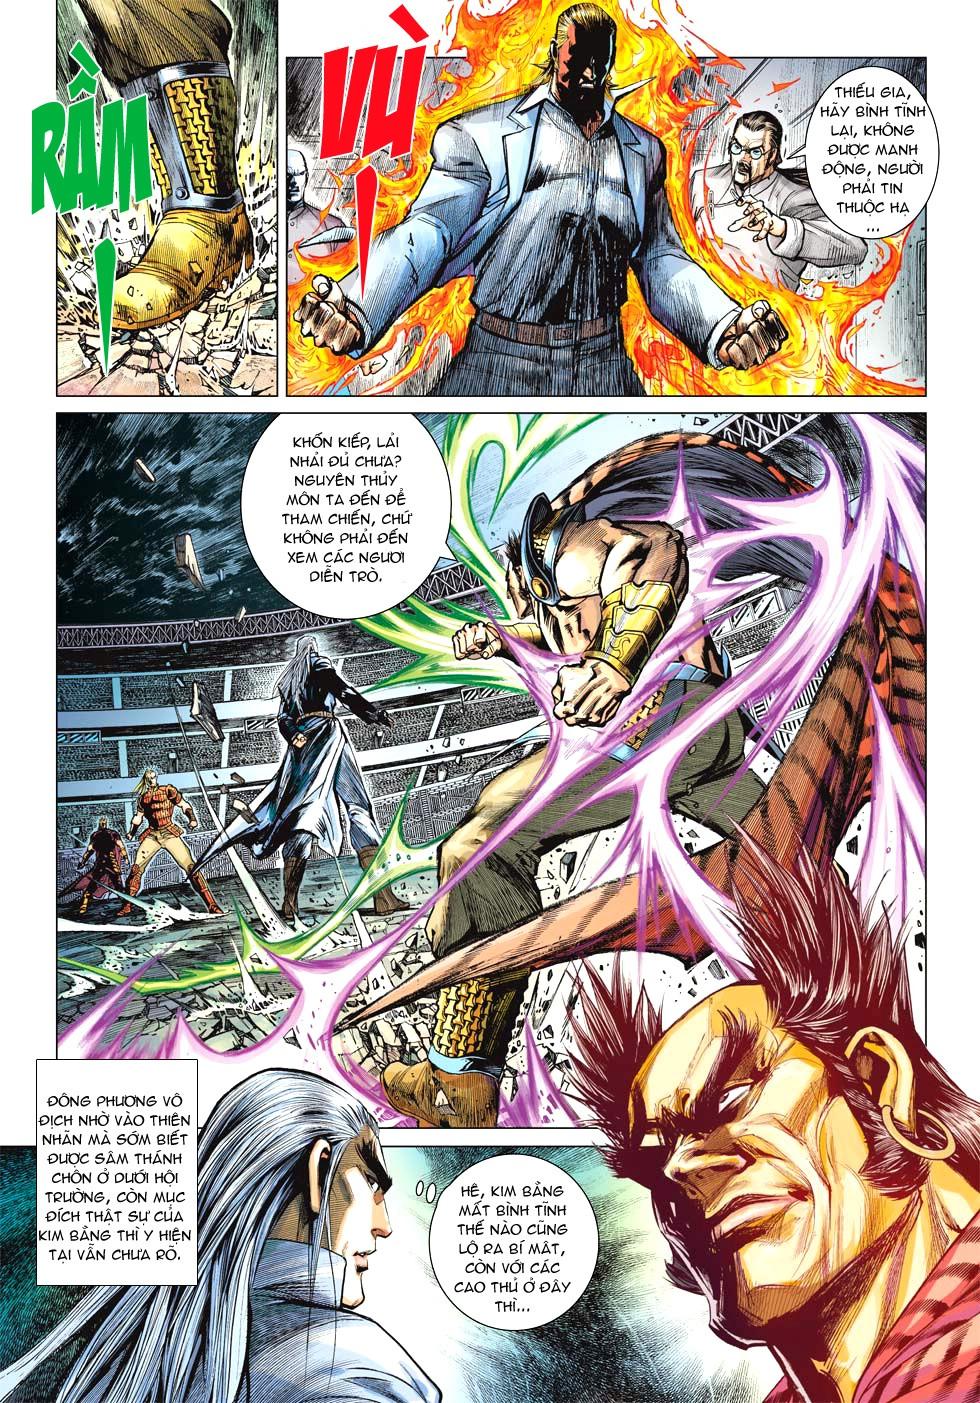 Vương Phong Lôi 1 chap 27 - Trang 13